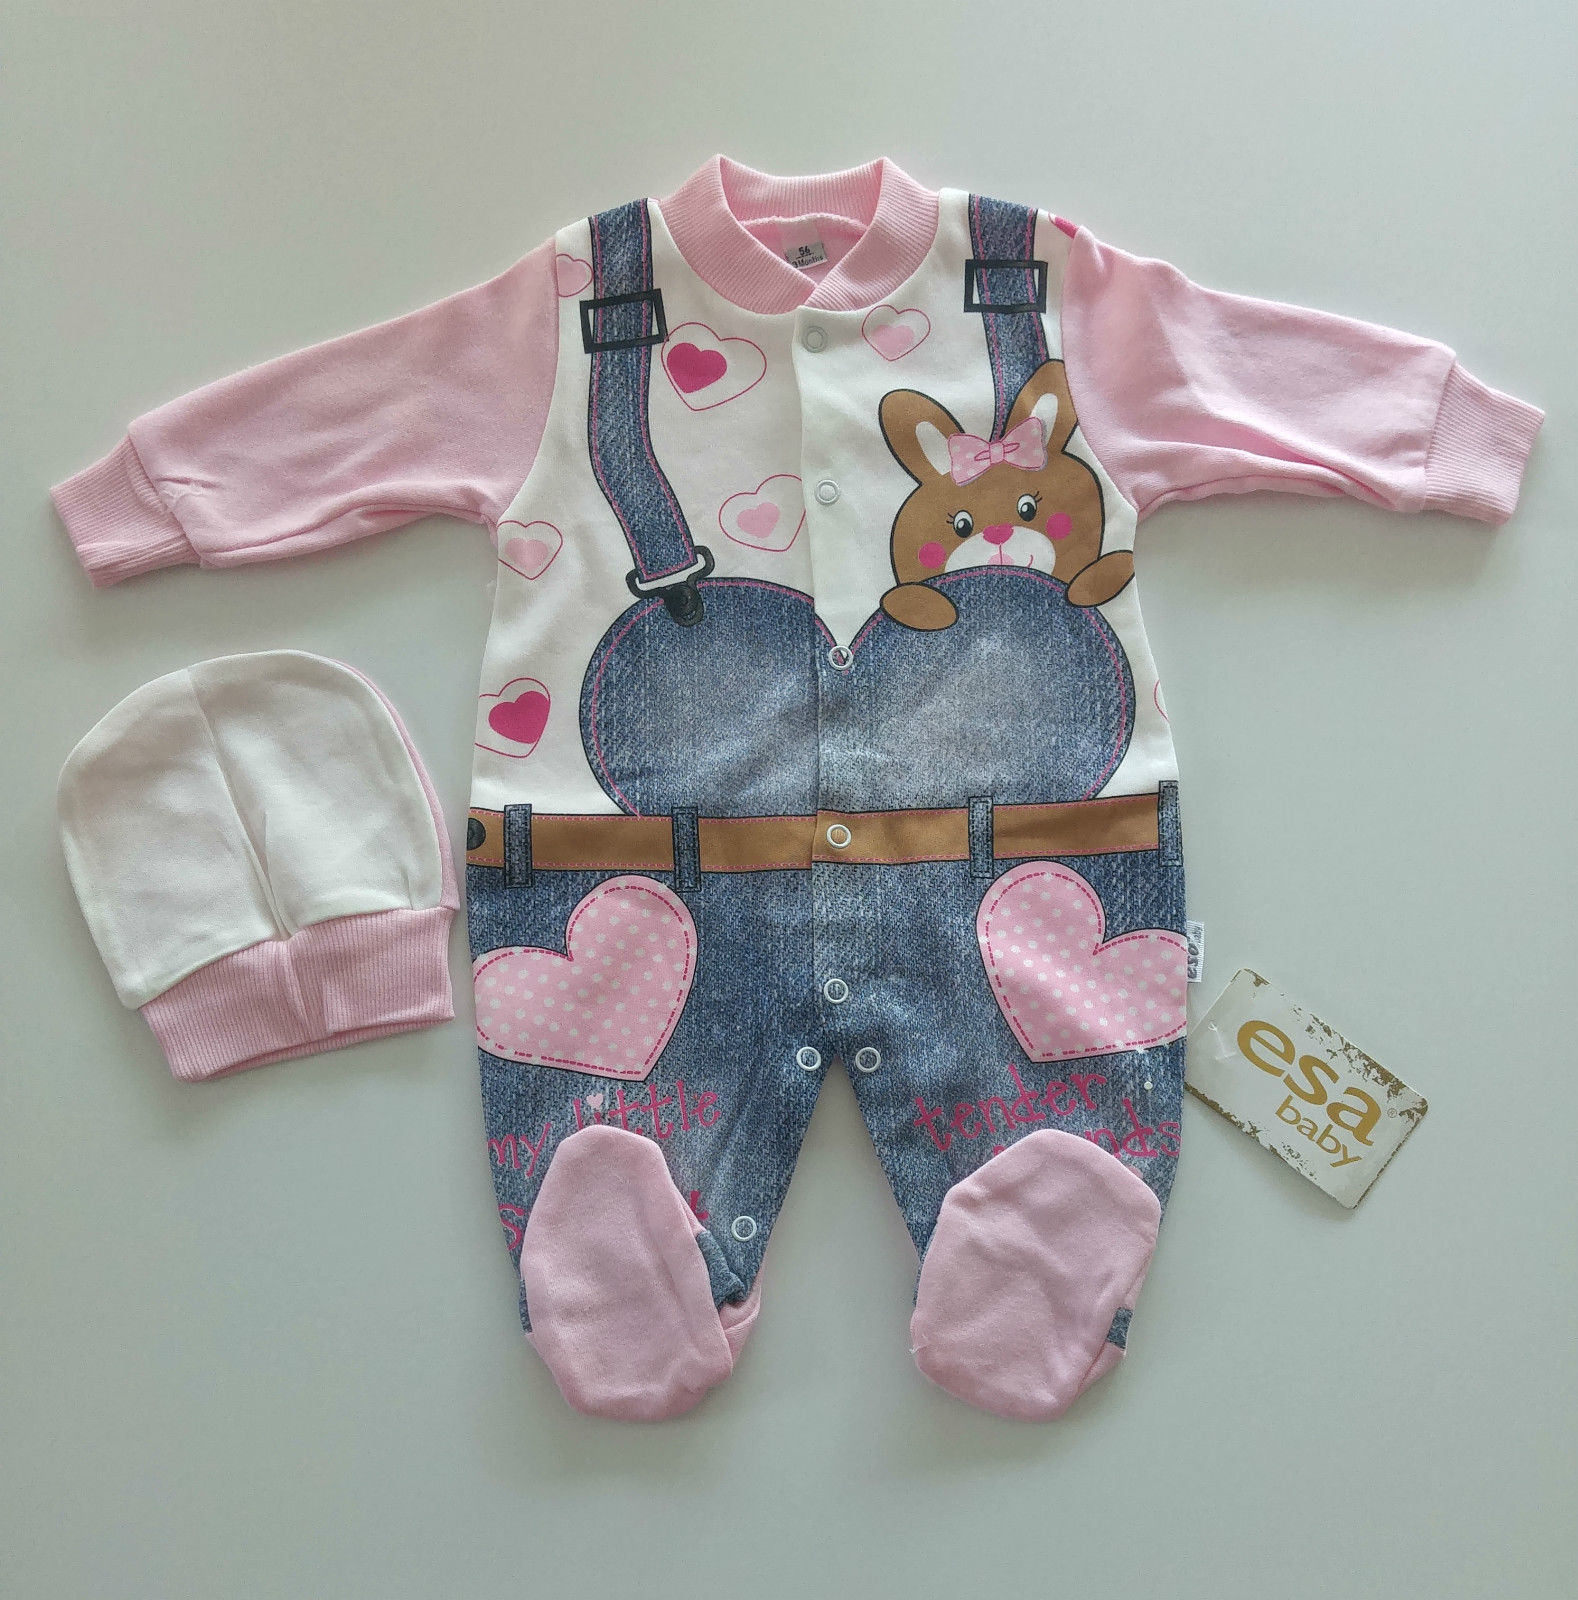 NEU Babykleidung Baby Strampler 2-tlg SET Gr. 56 62 68 Mädchen Jeans Rosa Herz ?